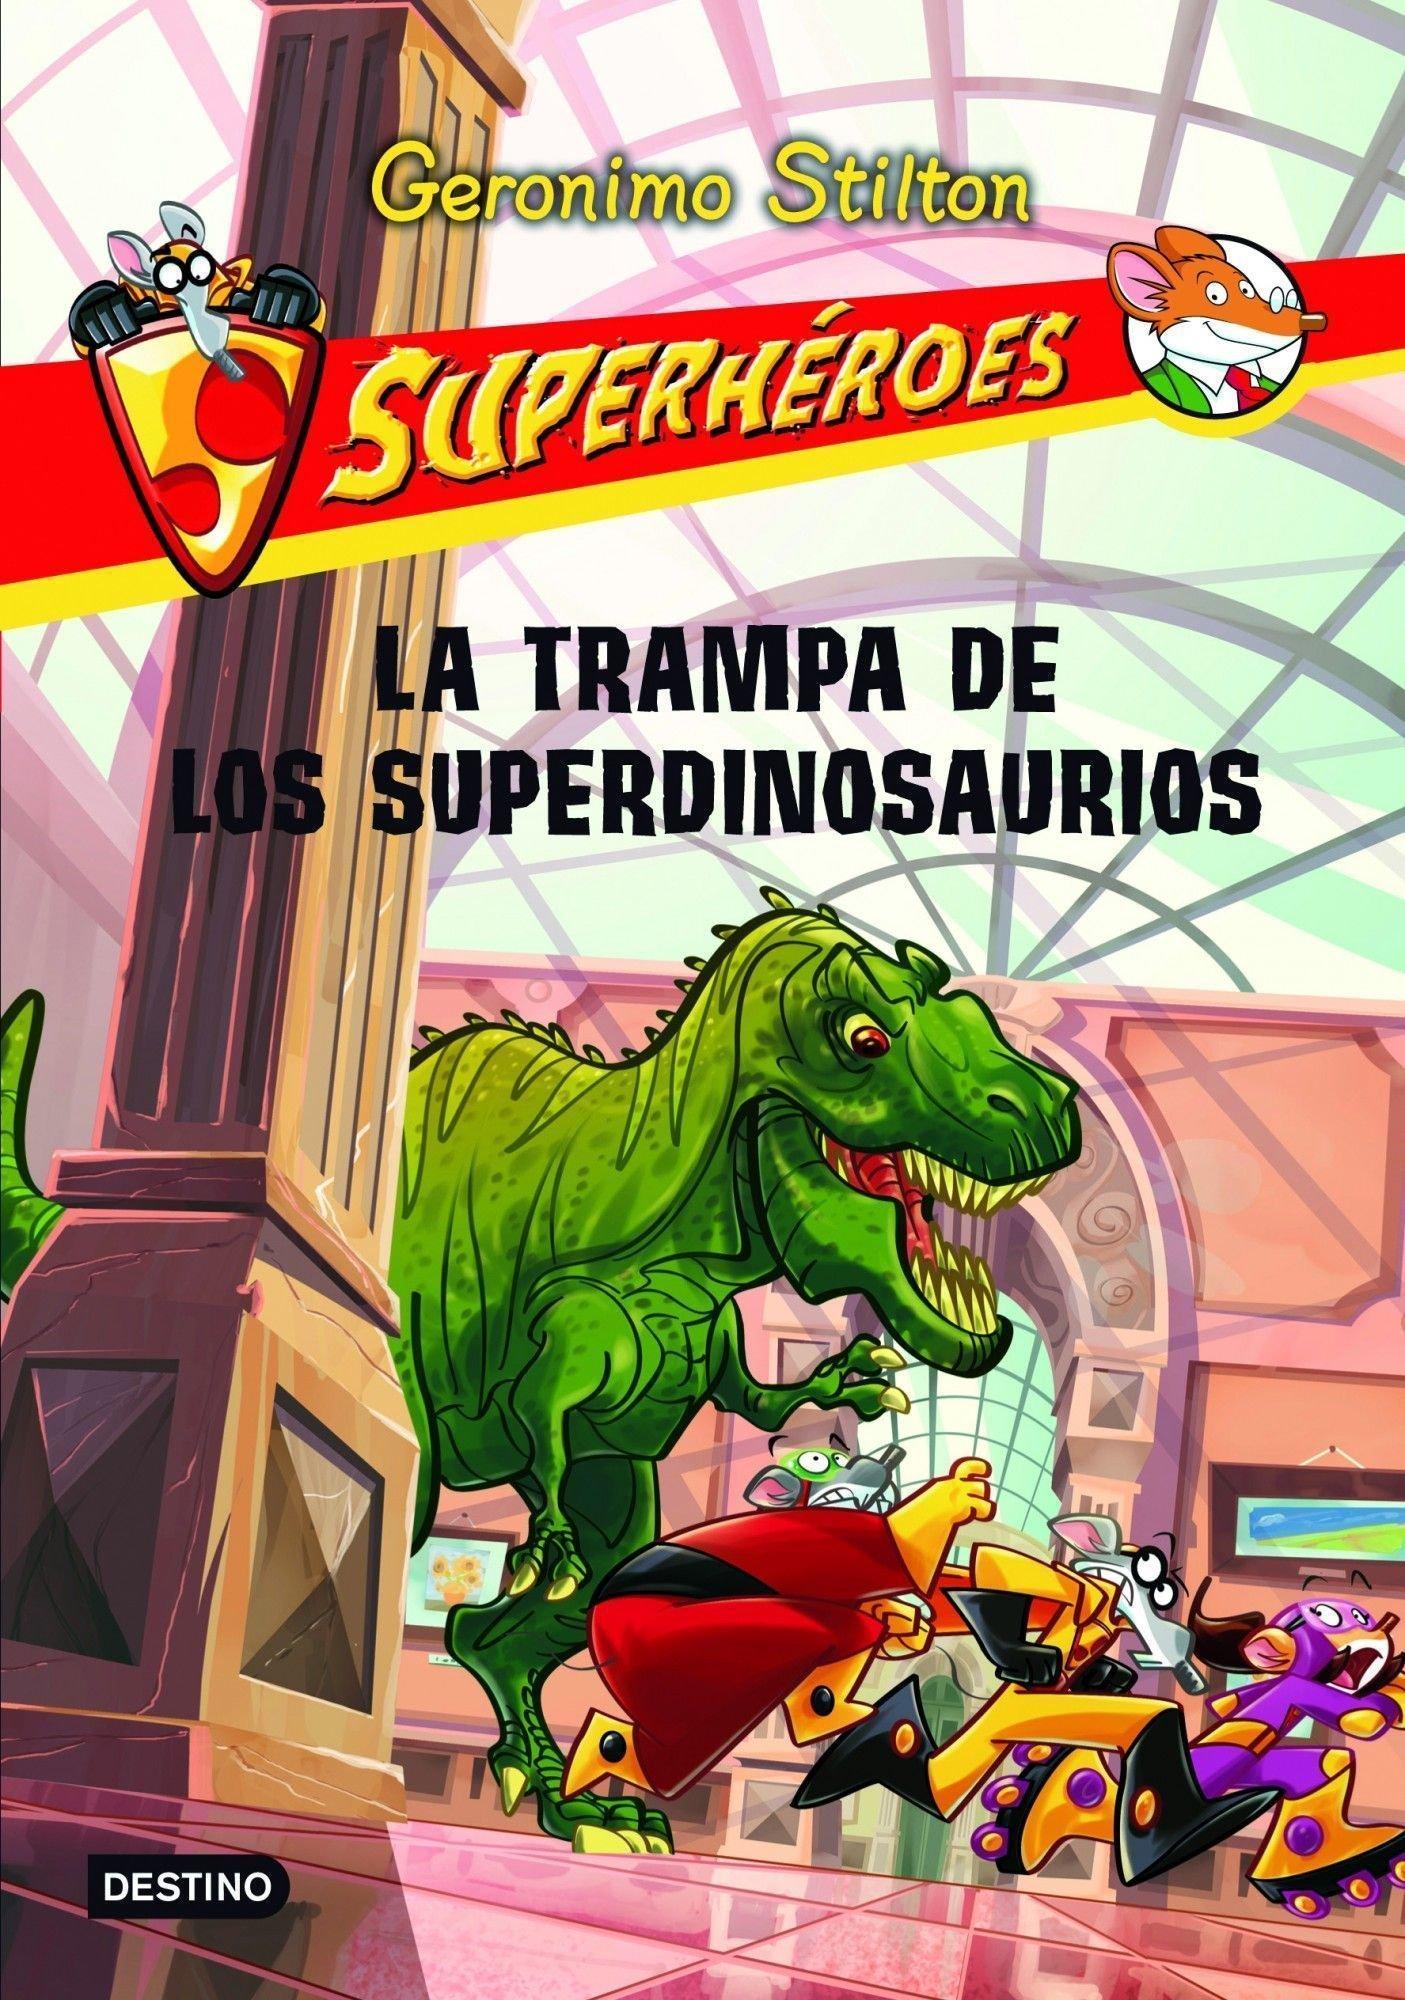 Superhéroes 5: La trampa de los dinosaurios (Spanish Edition) (Geronimo Stilton (Spanish)) PDF